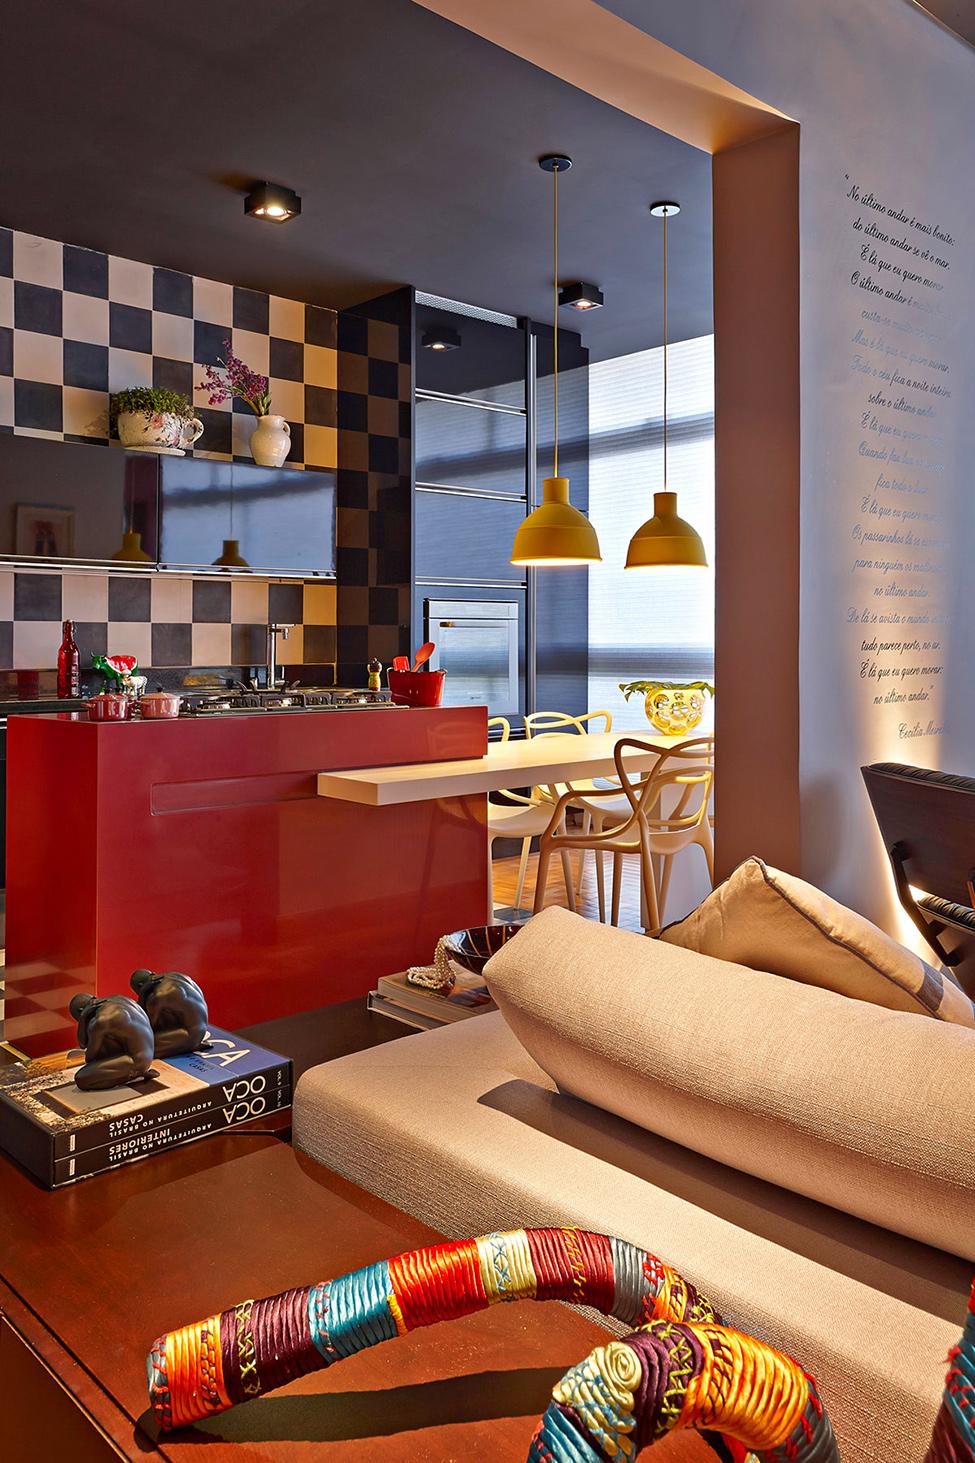 apartament-v-braziliq-pokazva-neveroqten-miks-ot-tsvetove-i-teksturi-3g